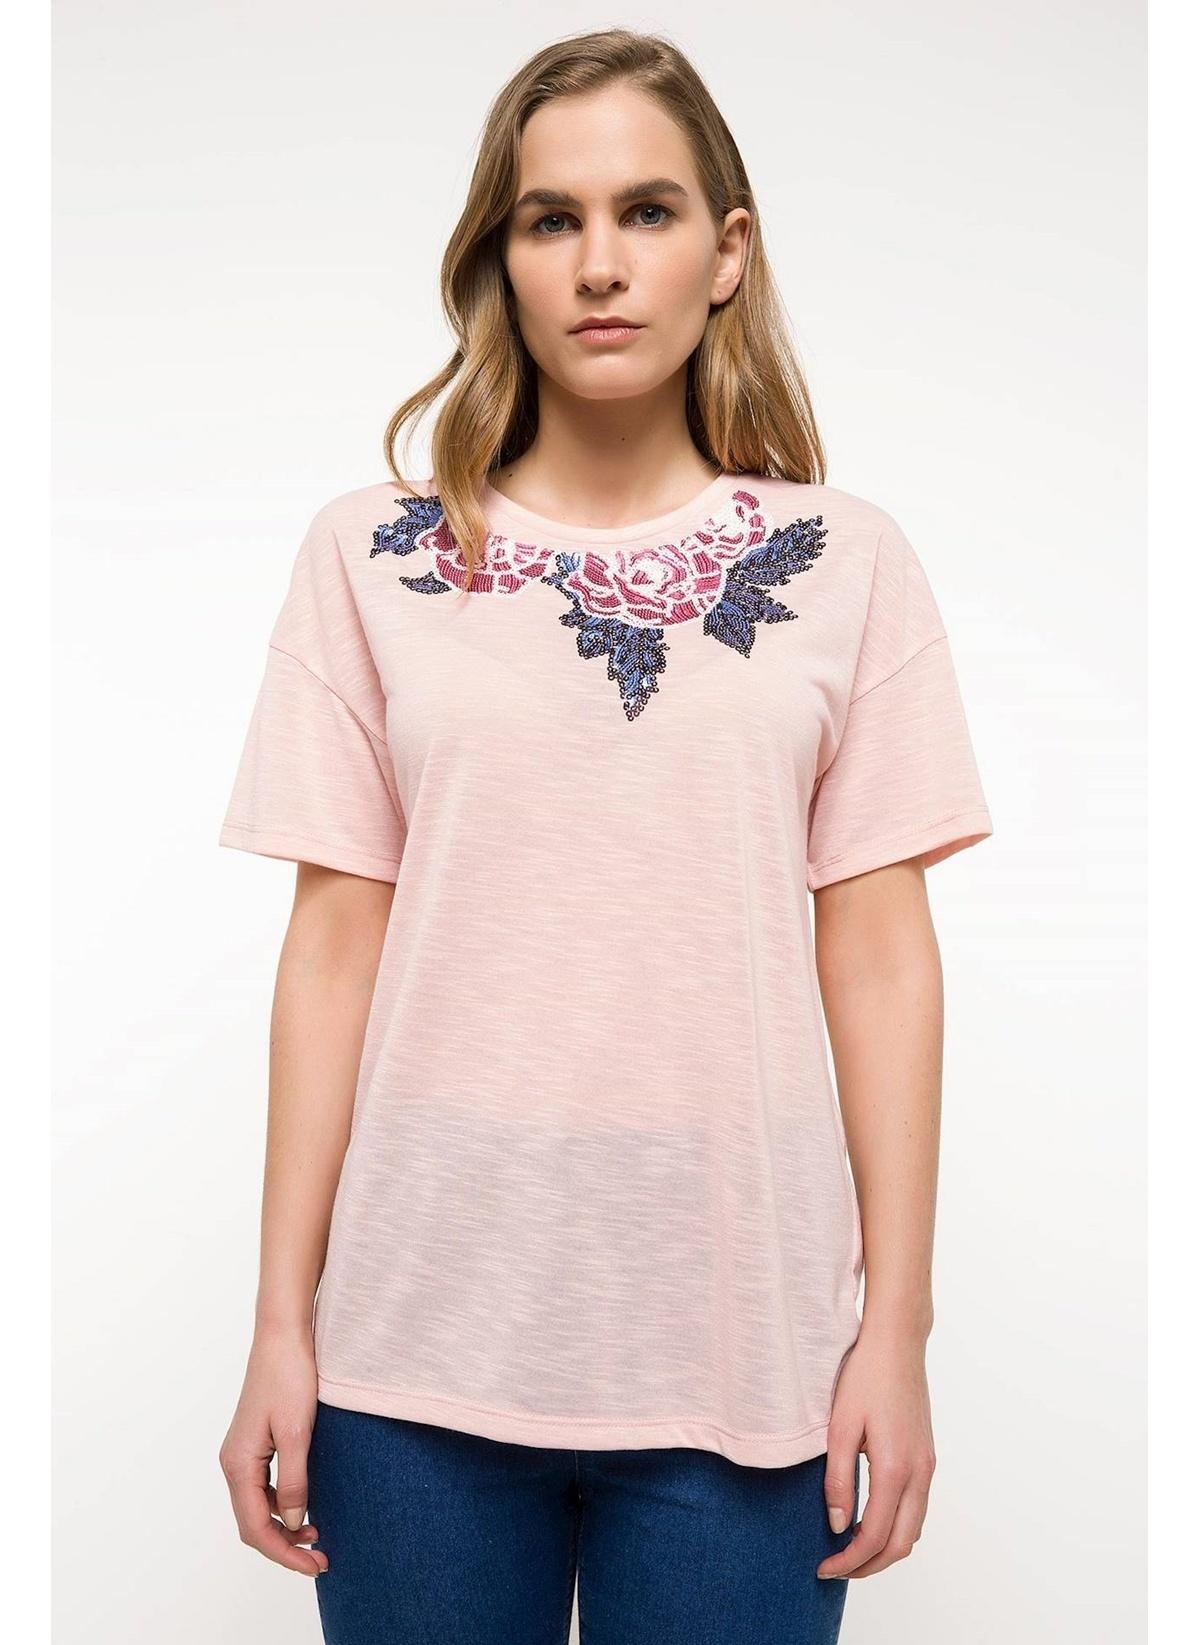 Defacto Baskılı T-shirt I8075az18smpn141t-shirt – 29.99 TL